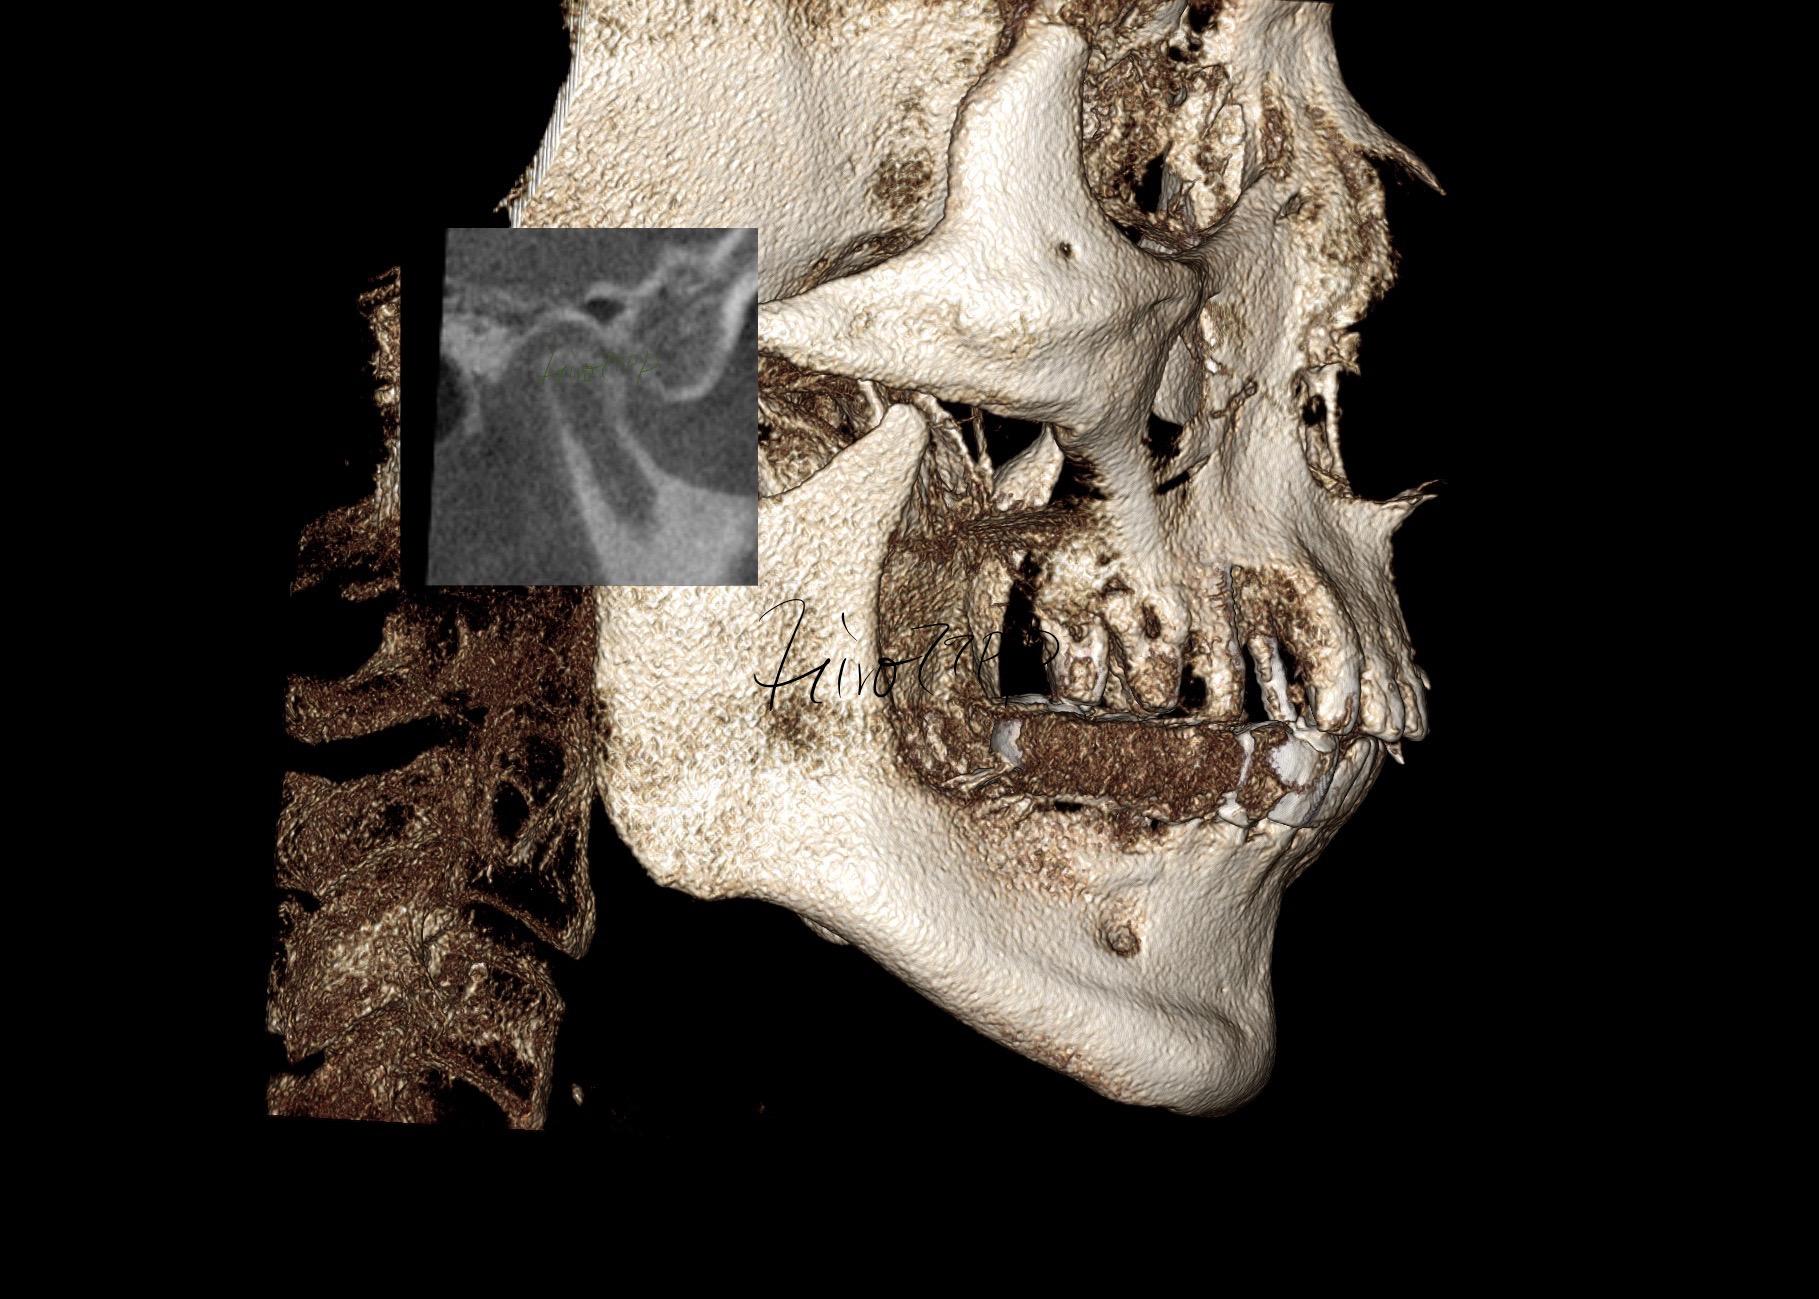 顎関節症総合治療 TMJ顎関節症総合治療(港区神谷町 虎ノ門デンタルプラクティス 女医 長坂裕子)